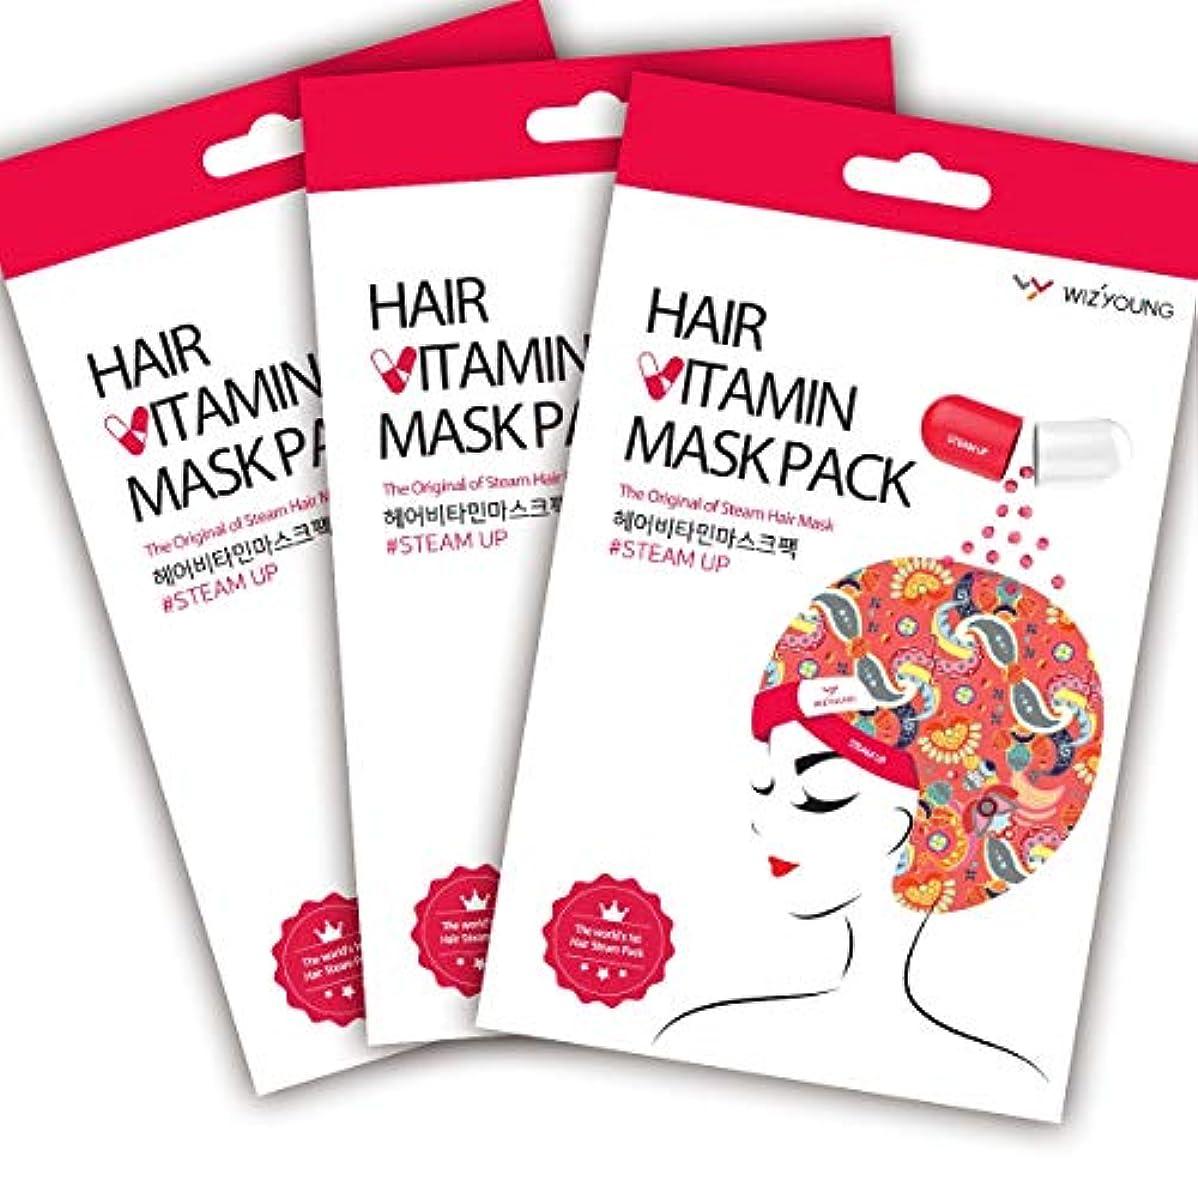 整理する合成嫉妬ヘアビタミンマスクパック スチームアップ 3パックセット HAIR VITAMIN MASK PACK STEAM UP